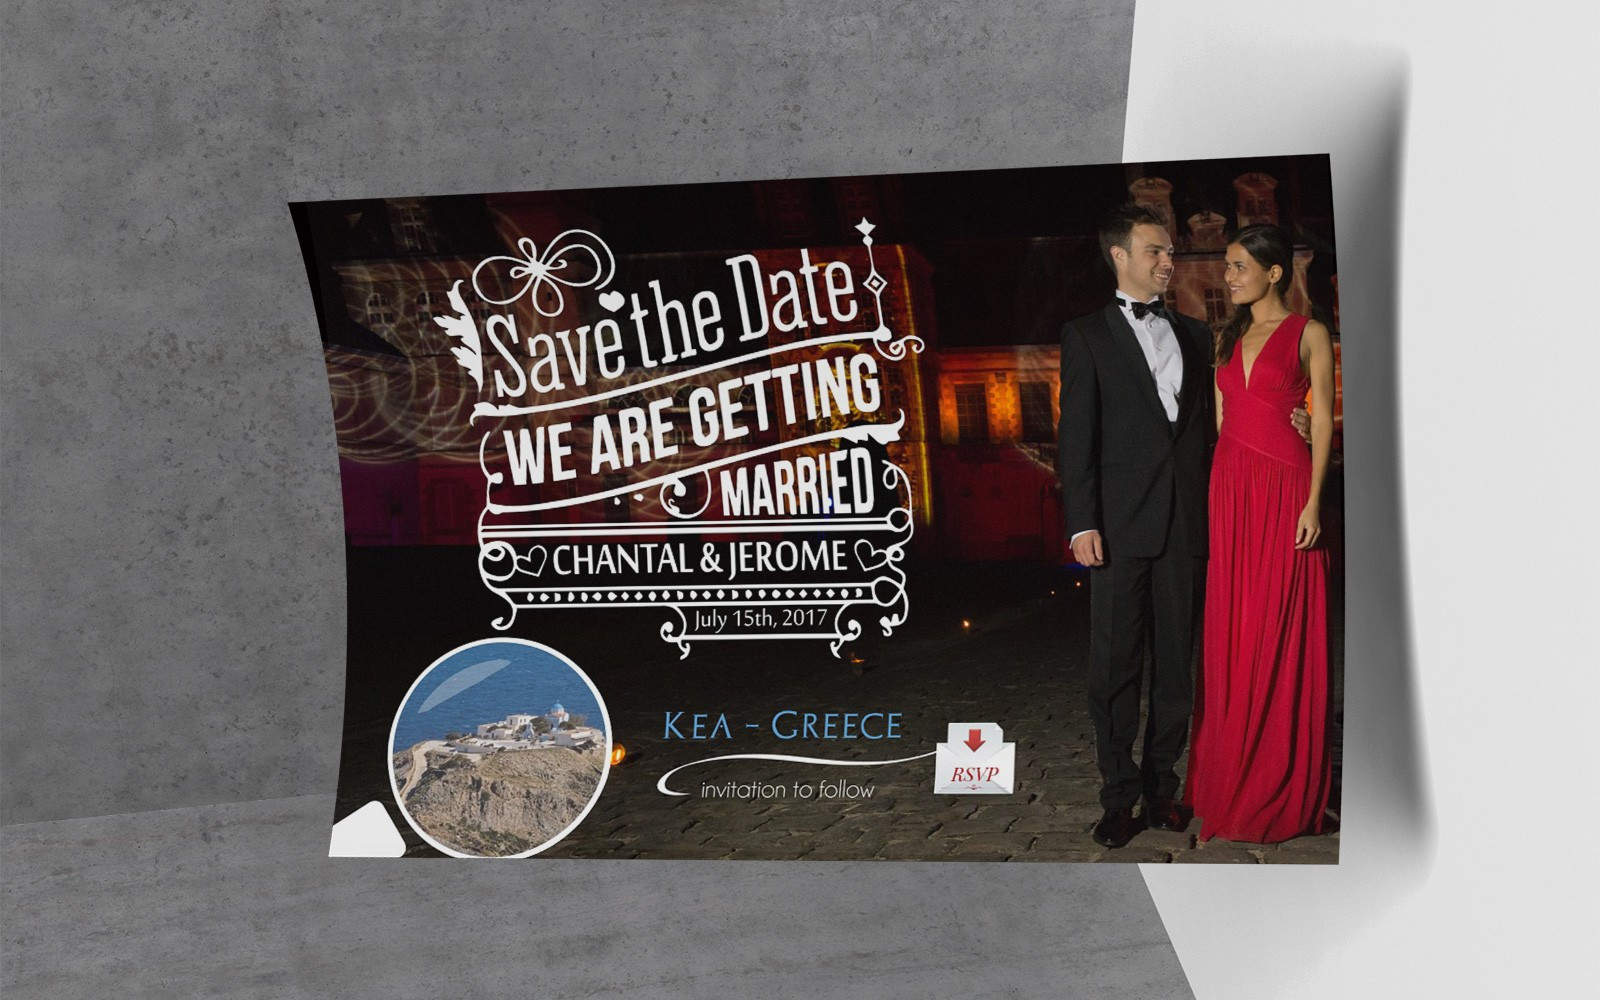 invito-save-the-date-professionale-lugano-eventi